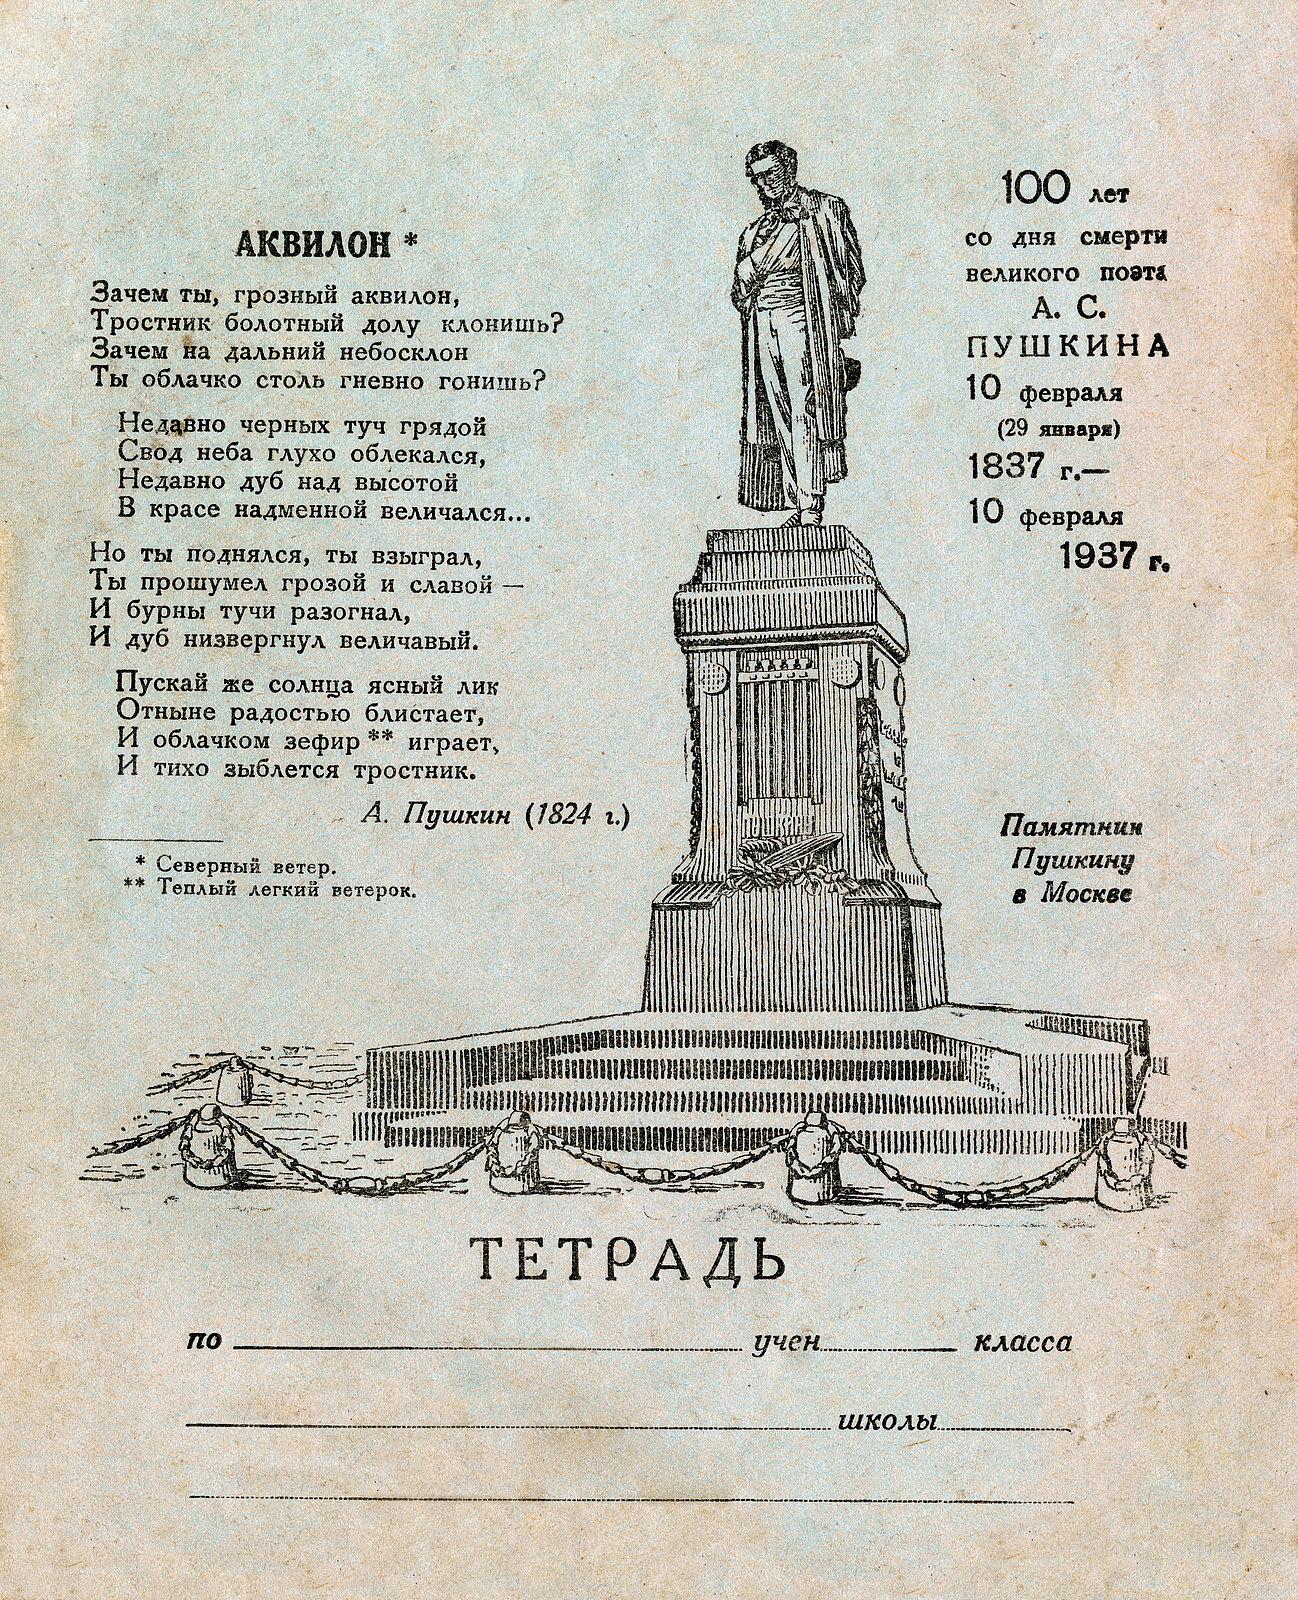 Тетрадь Пушкин (11), 170х210